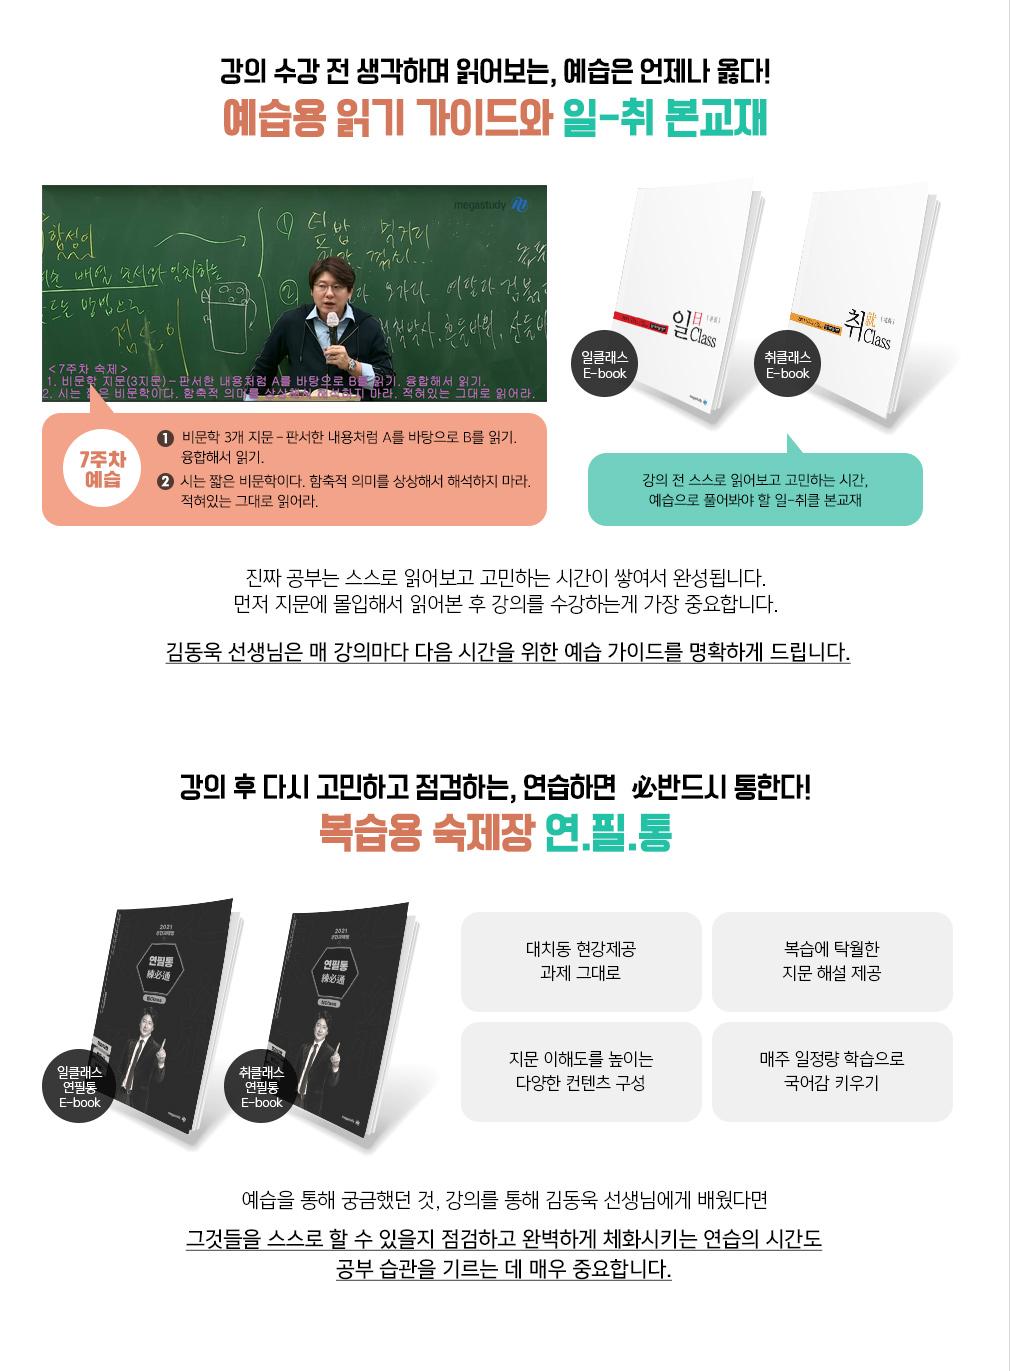 김동욱 선생님은 매 강의 마다 다음 시간을 위한 예습 가이드를 명확하게 드립니다.